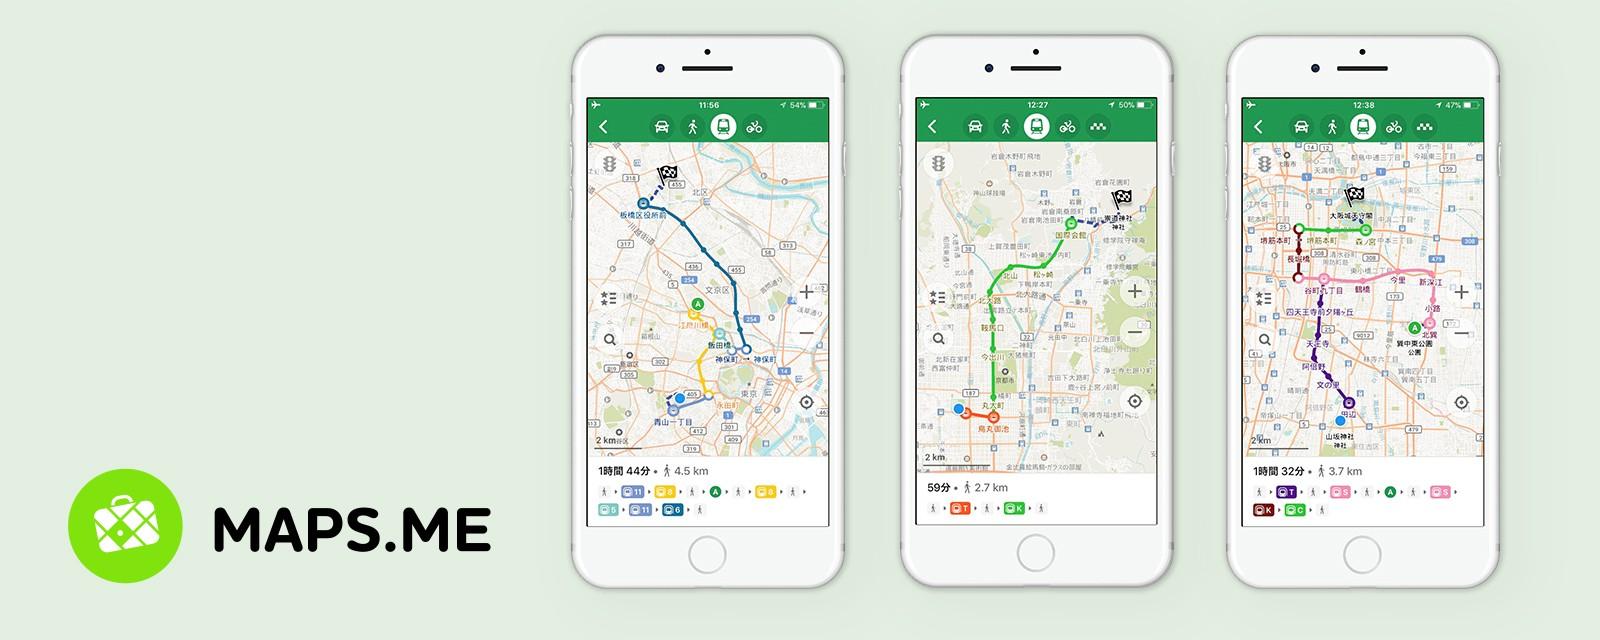 Maps.me - İnternetsiz Çalışan En İyi Harita Uygulamaları